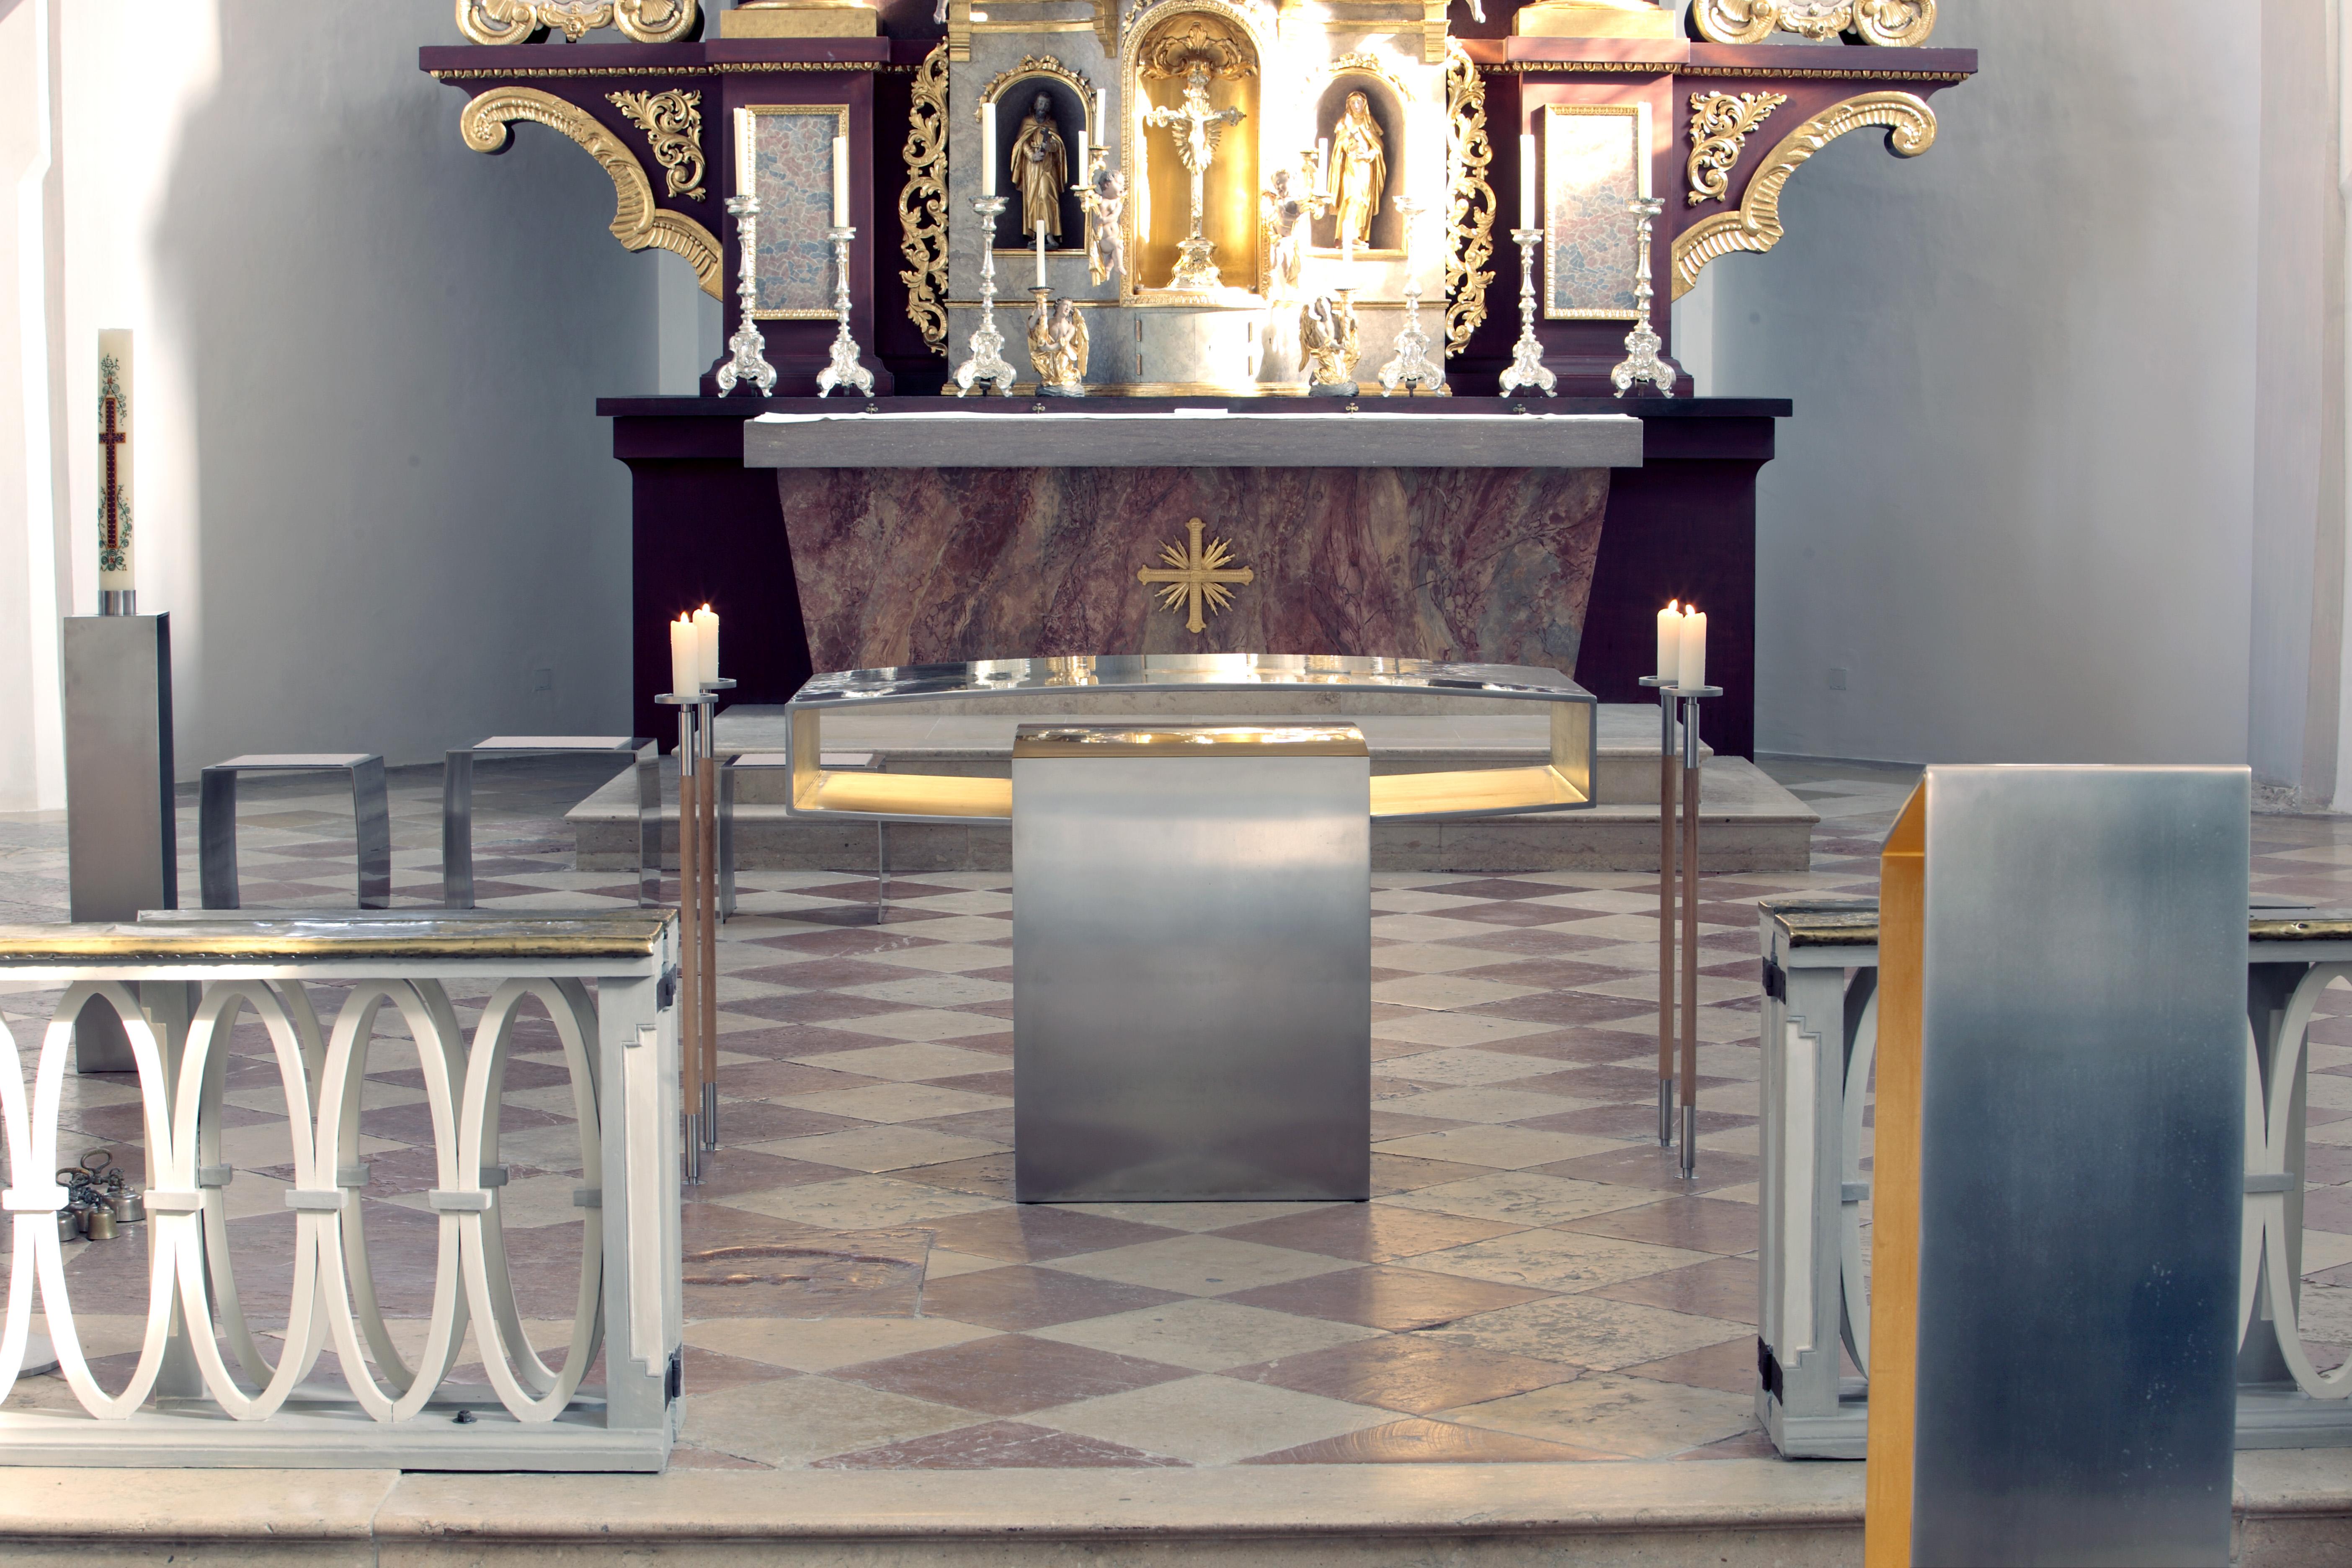 Pfarrkirche St. Emmeram Lesepult